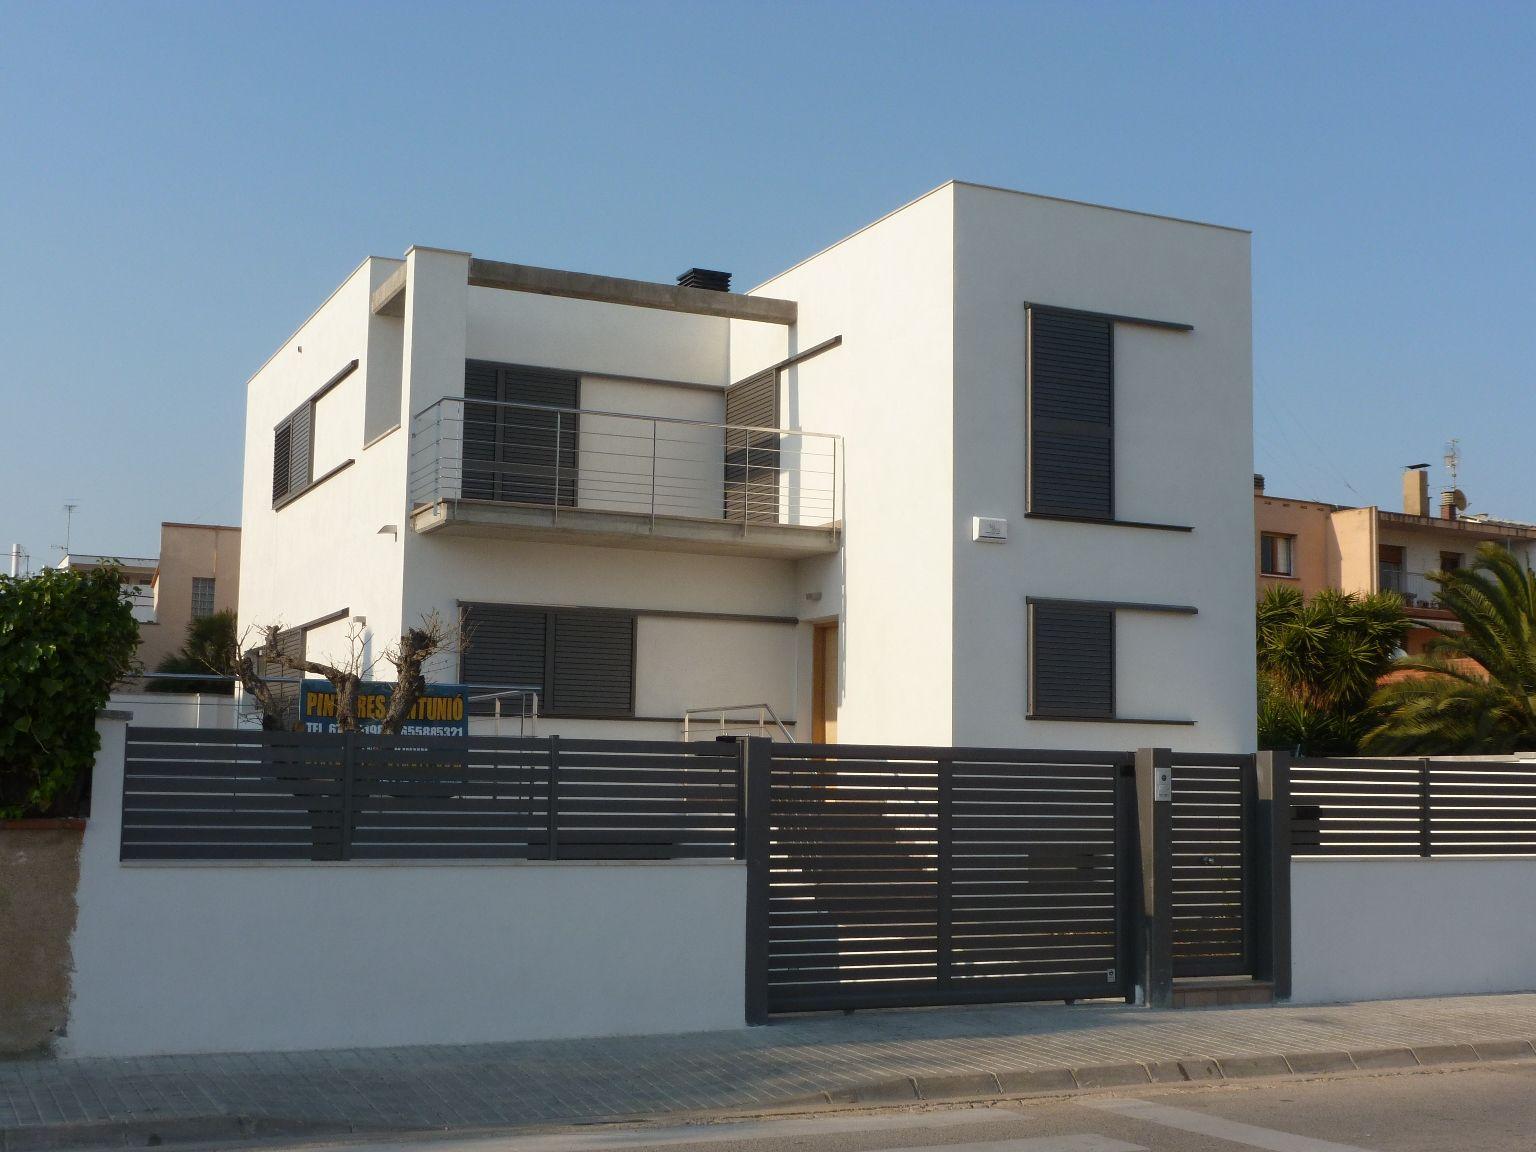 Edificios moderno recibidor balcon exterior ventanas for Edificios minimalistas fotos